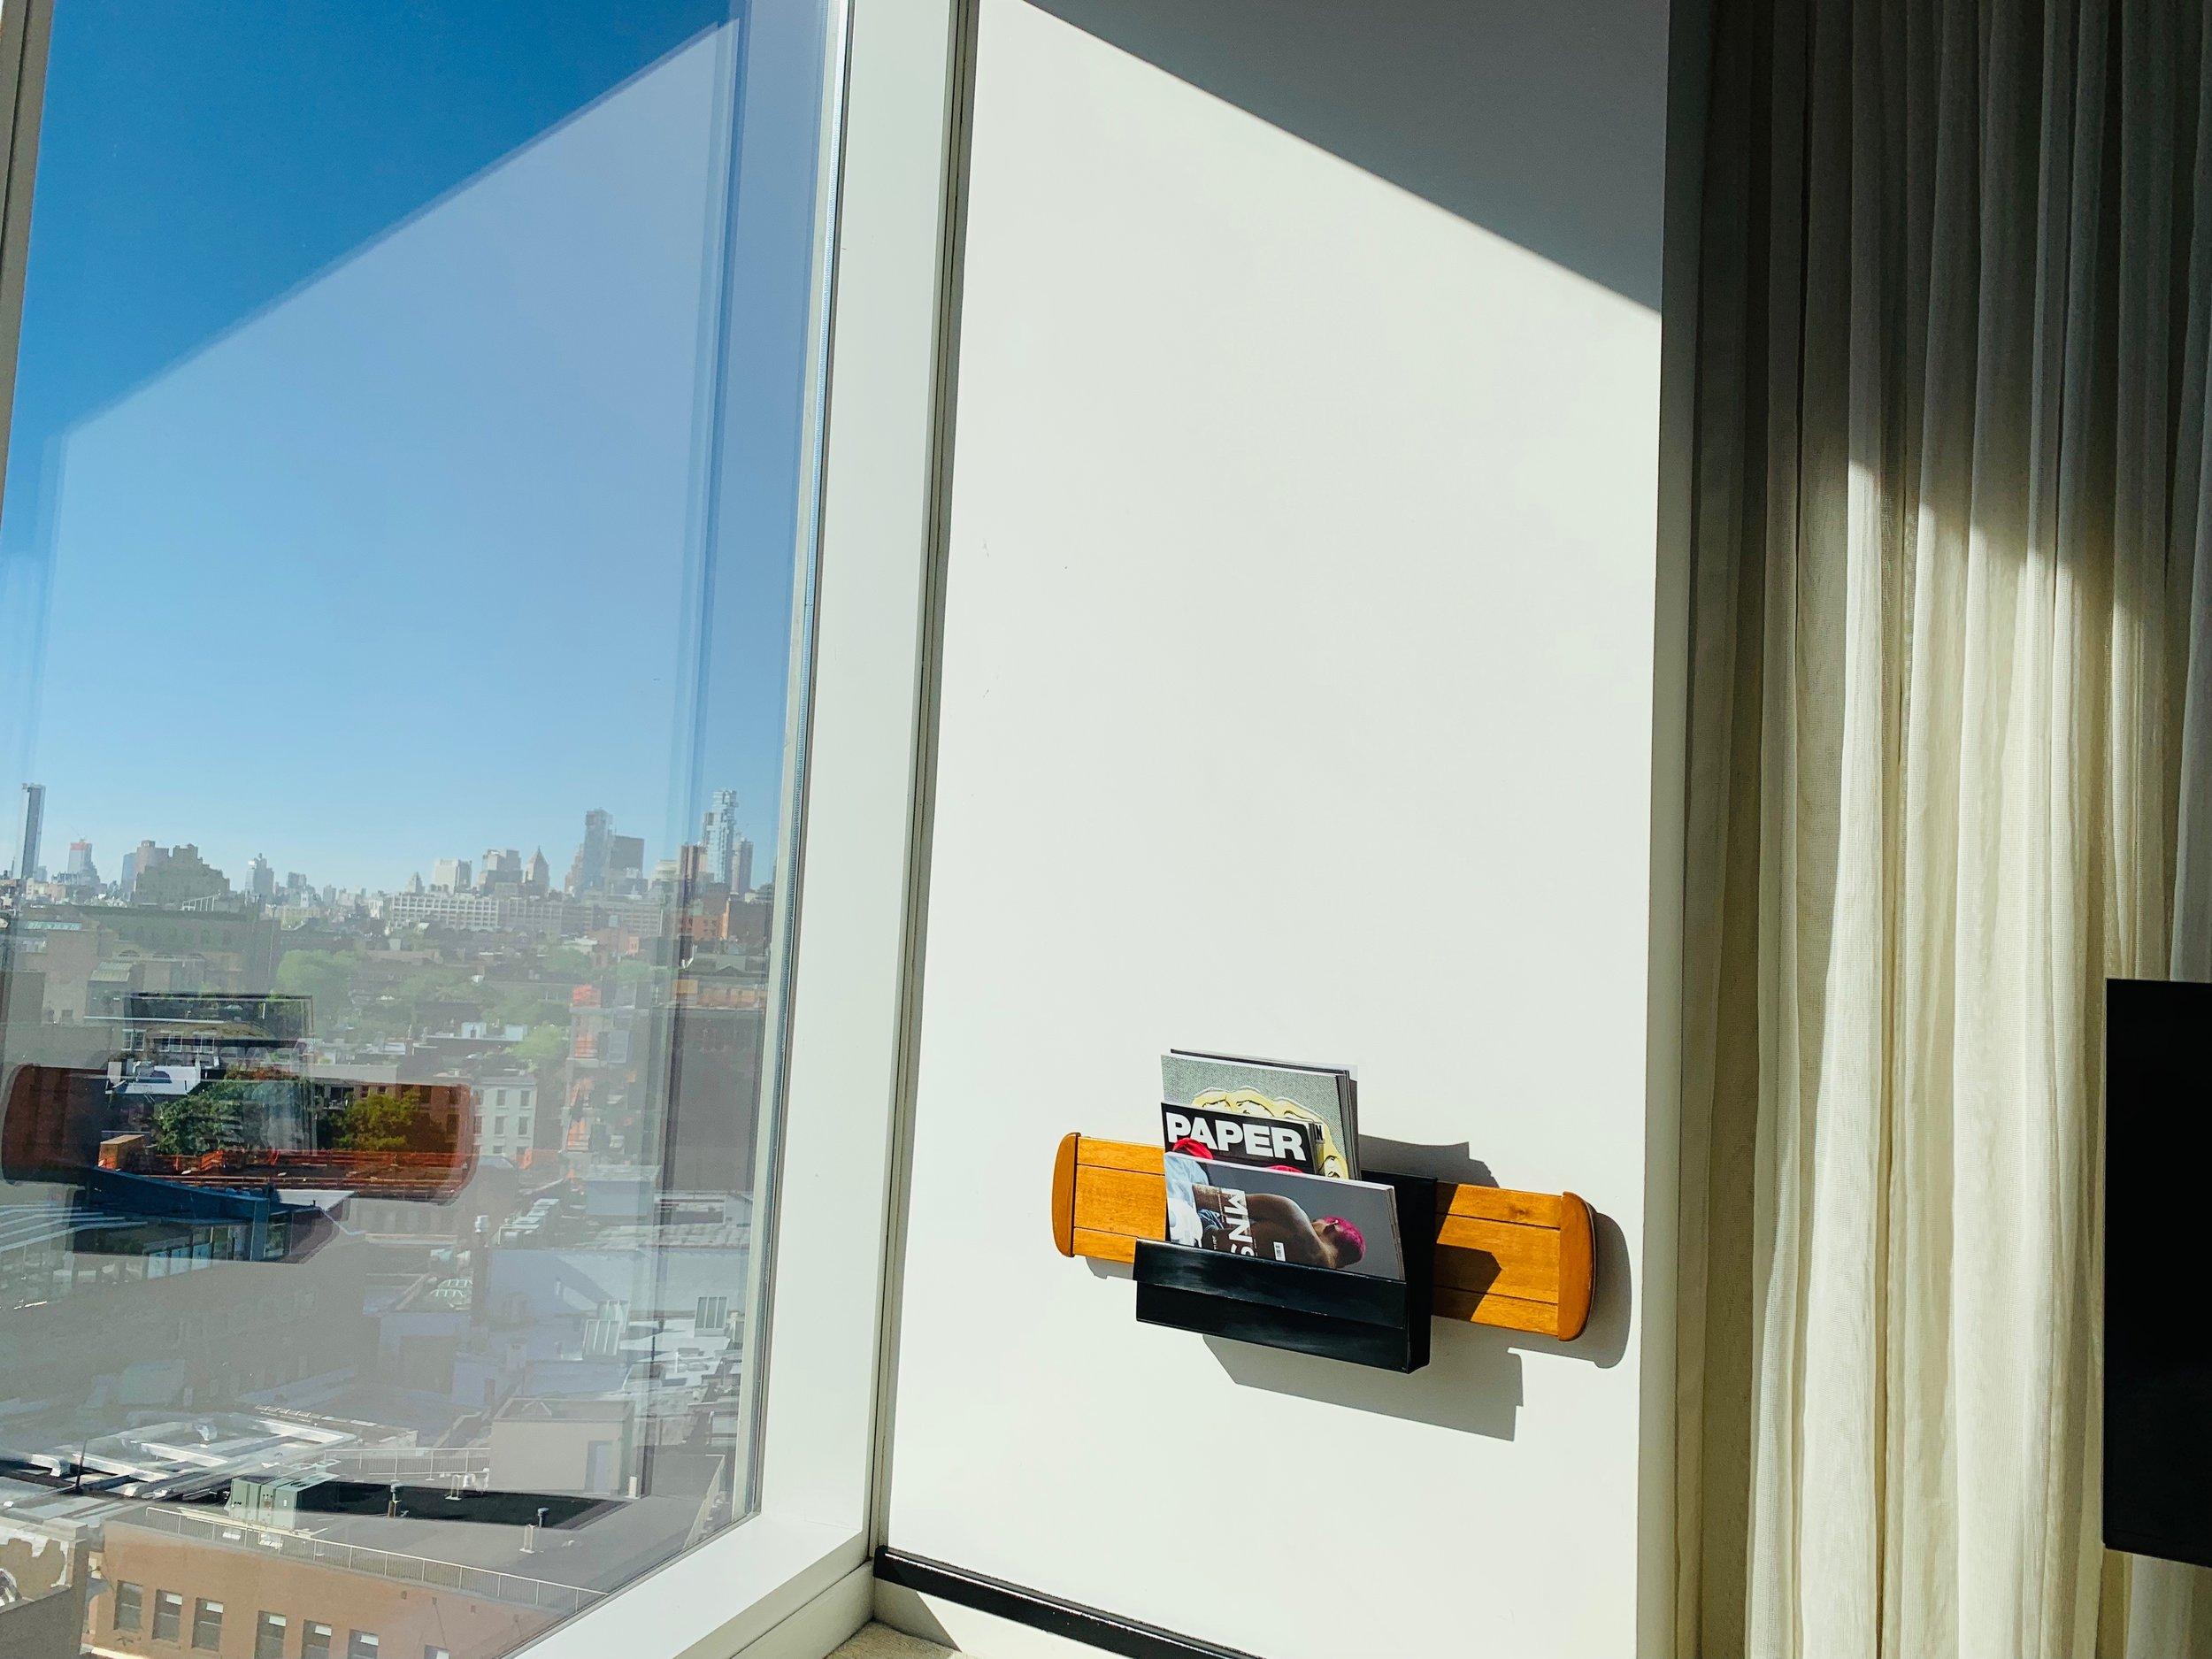 Hotel Tipp New York Tipps für Manhattan Wo schläft man am besten in New York City? Reisetipps einer Bloggerin. Beate Finken Blog BeFifty Tipps für Frauen über 40 und ab 50. The Standard Hotel New York. Highline Park.